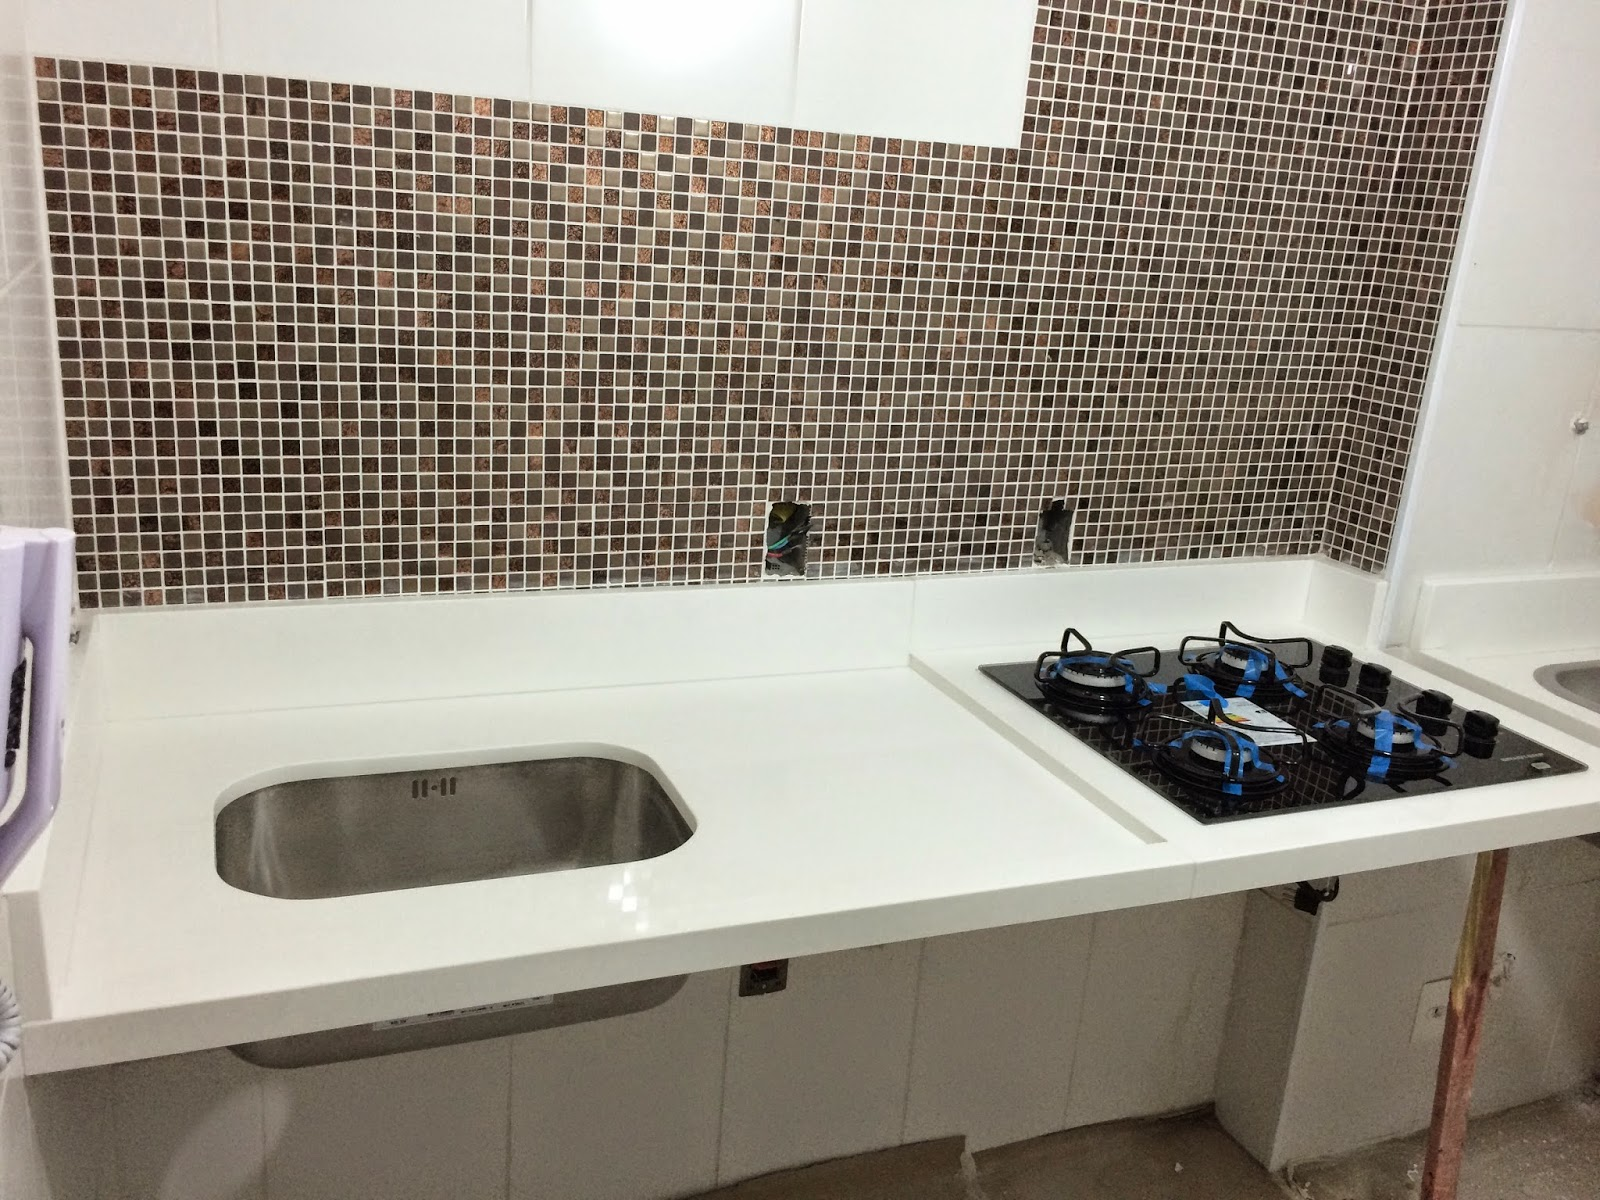 Apê 114: Bancada da Cozinha e Área de Serviço em Quartzo Branco #25476D 1600 1200